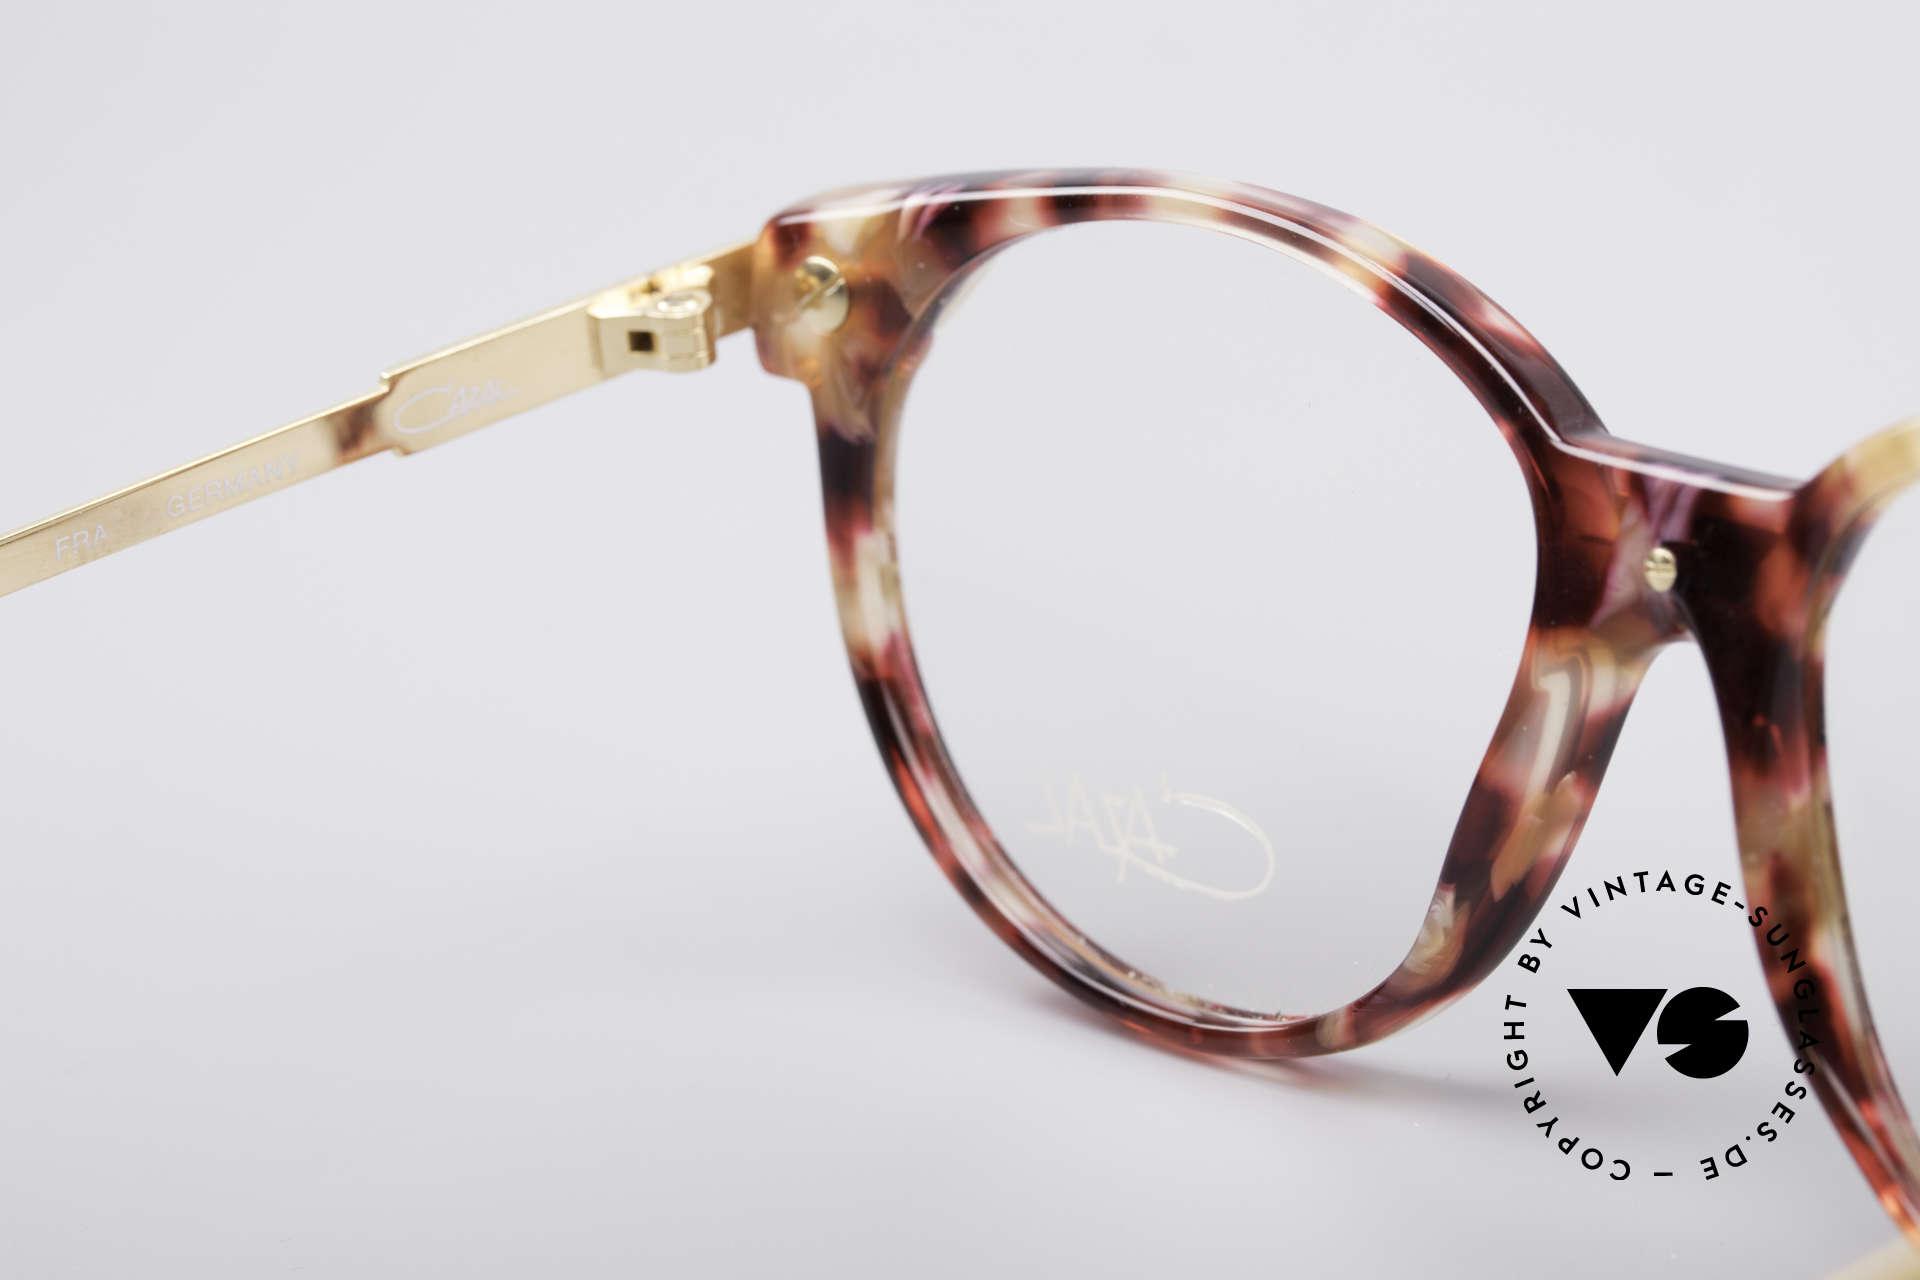 Cazal 338 Runde 90er Vintage Brille, CAZAL Demogläser können beliebig getauscht werden, Passend für Herren und Damen